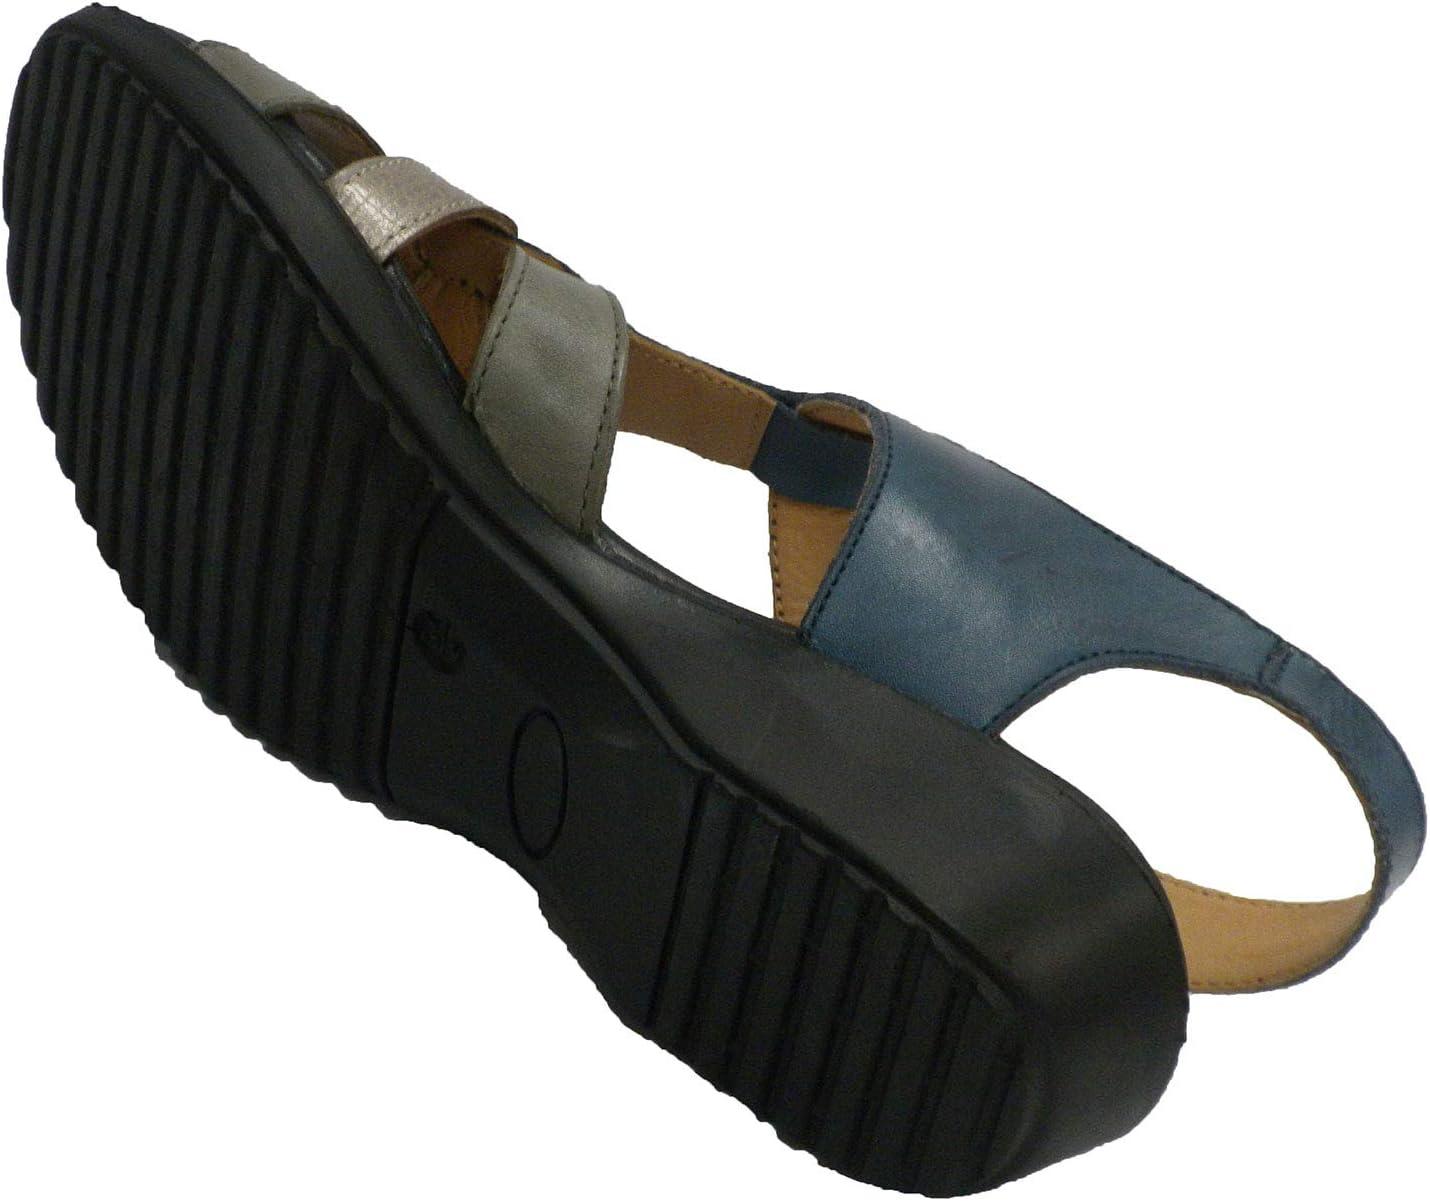 Doctor Cutillas sandalenvrouw zeer zacht en comfortabel marineblauw marineblauw